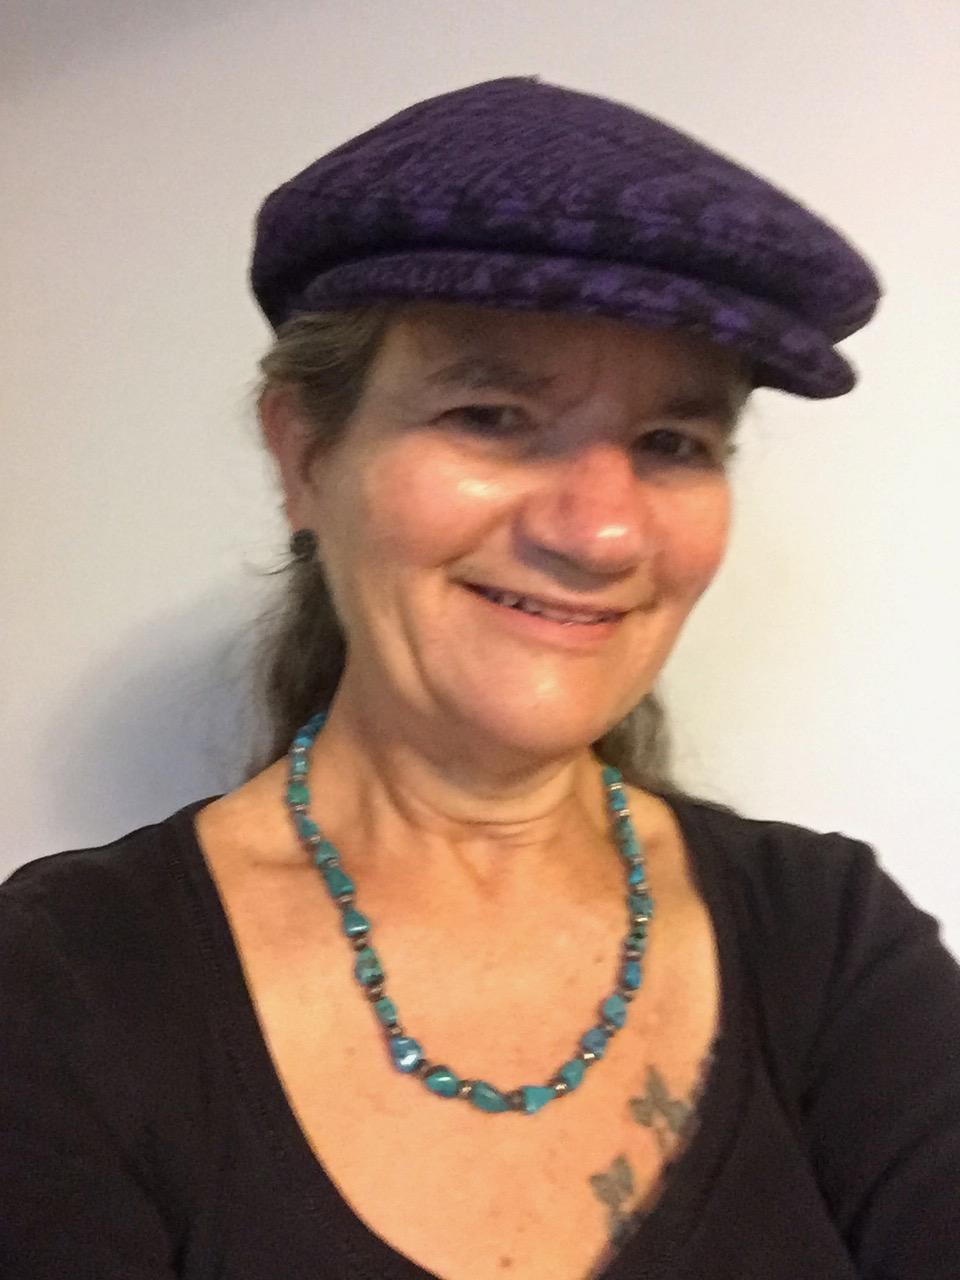 BRR in Purple Flat Cap Wool